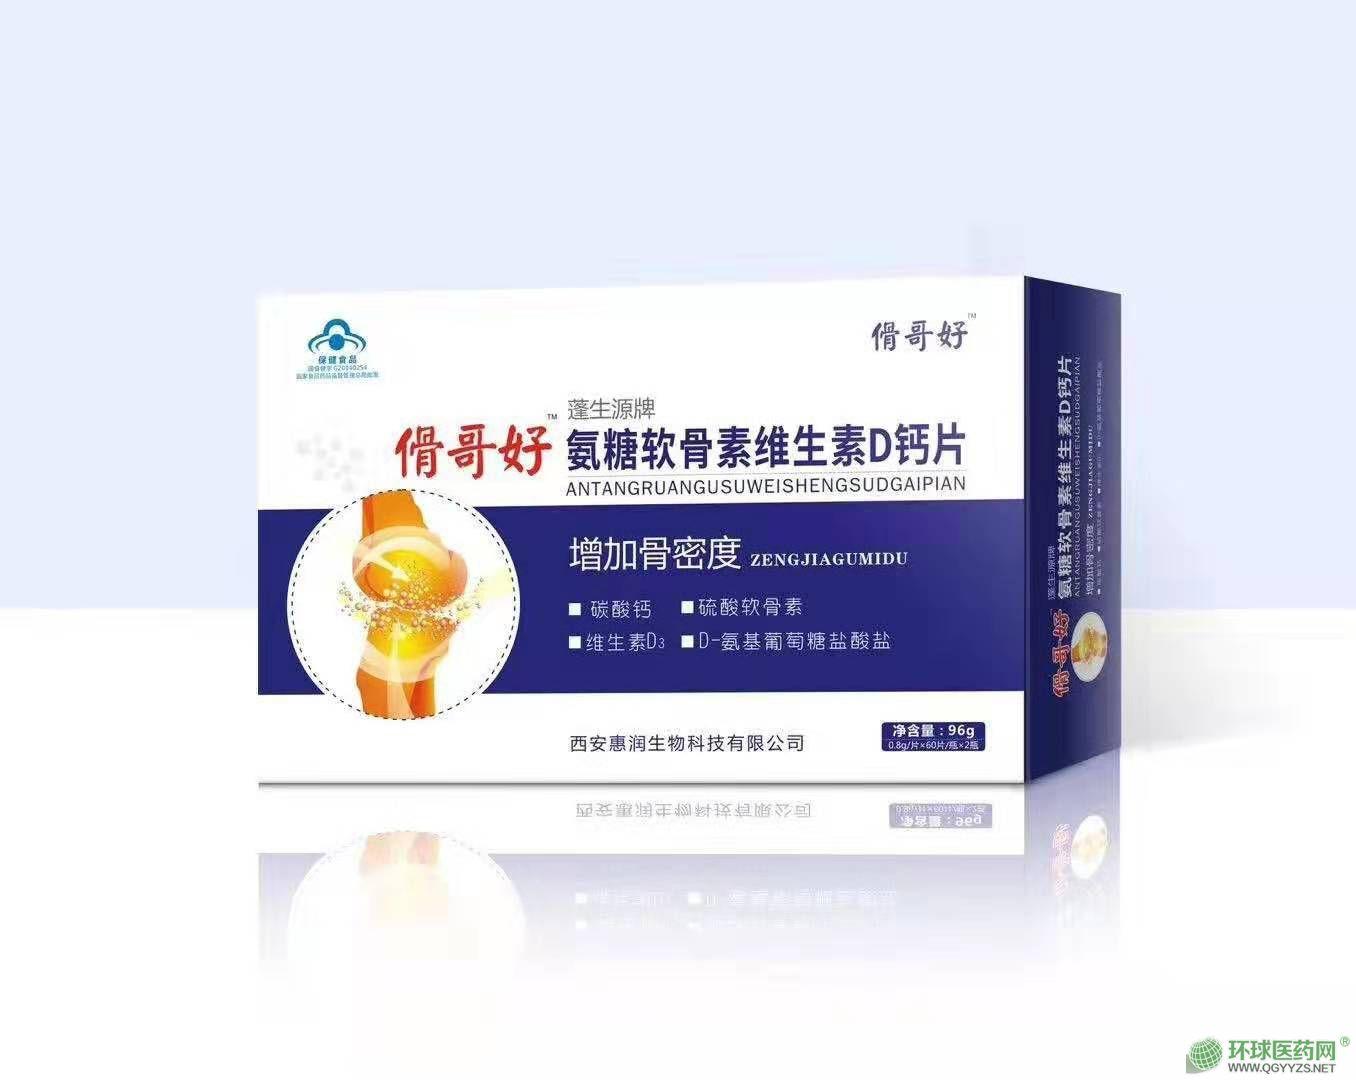 �锔绾门钌�源牌氨糖软骨素维生素D钙片